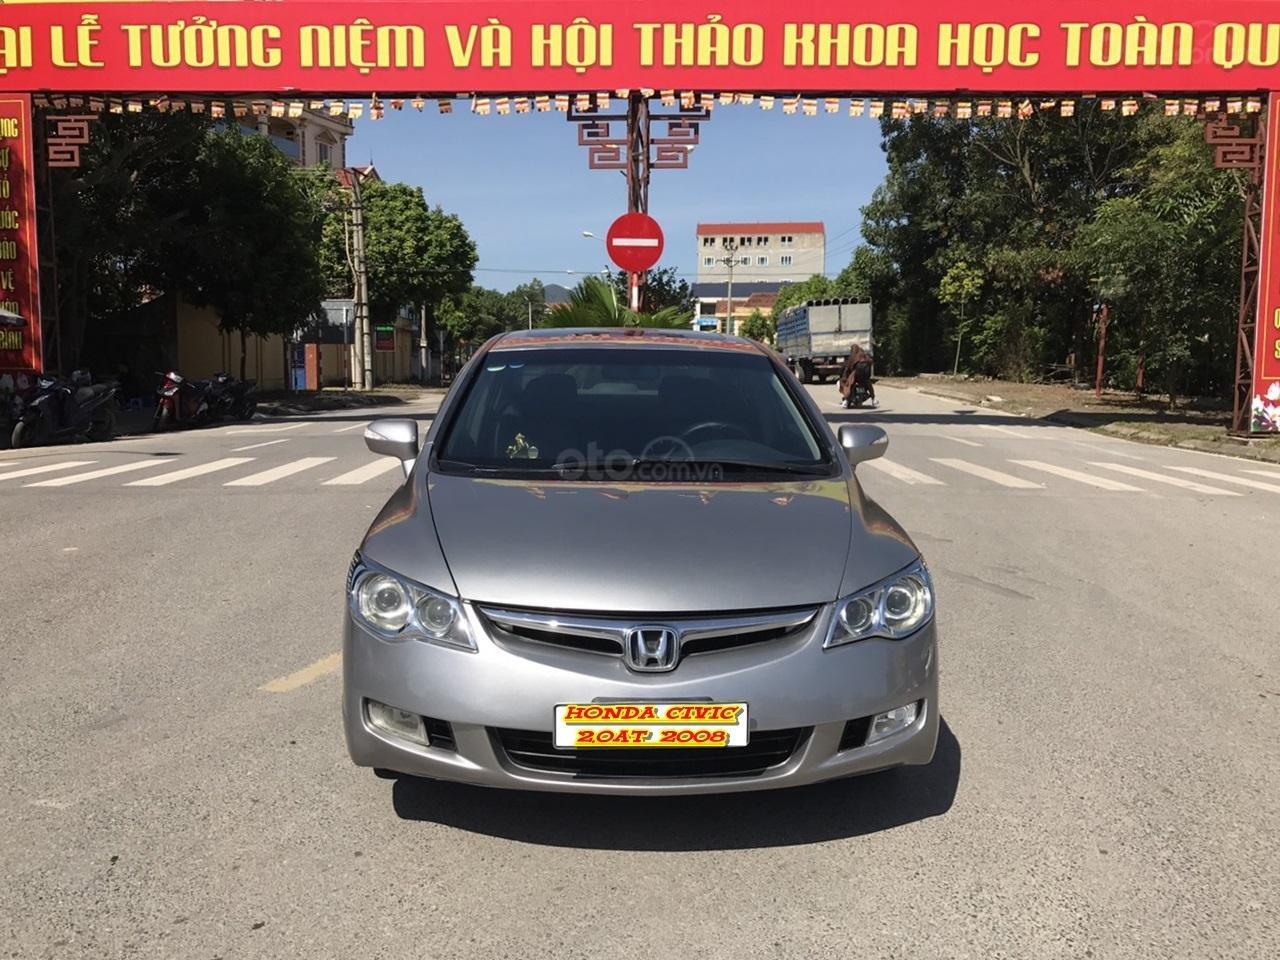 Bán xe Honda Civic 2.0AT 2008, màu xám (ghi), full đồ chơi 30 triệu, công nhận mới (1)